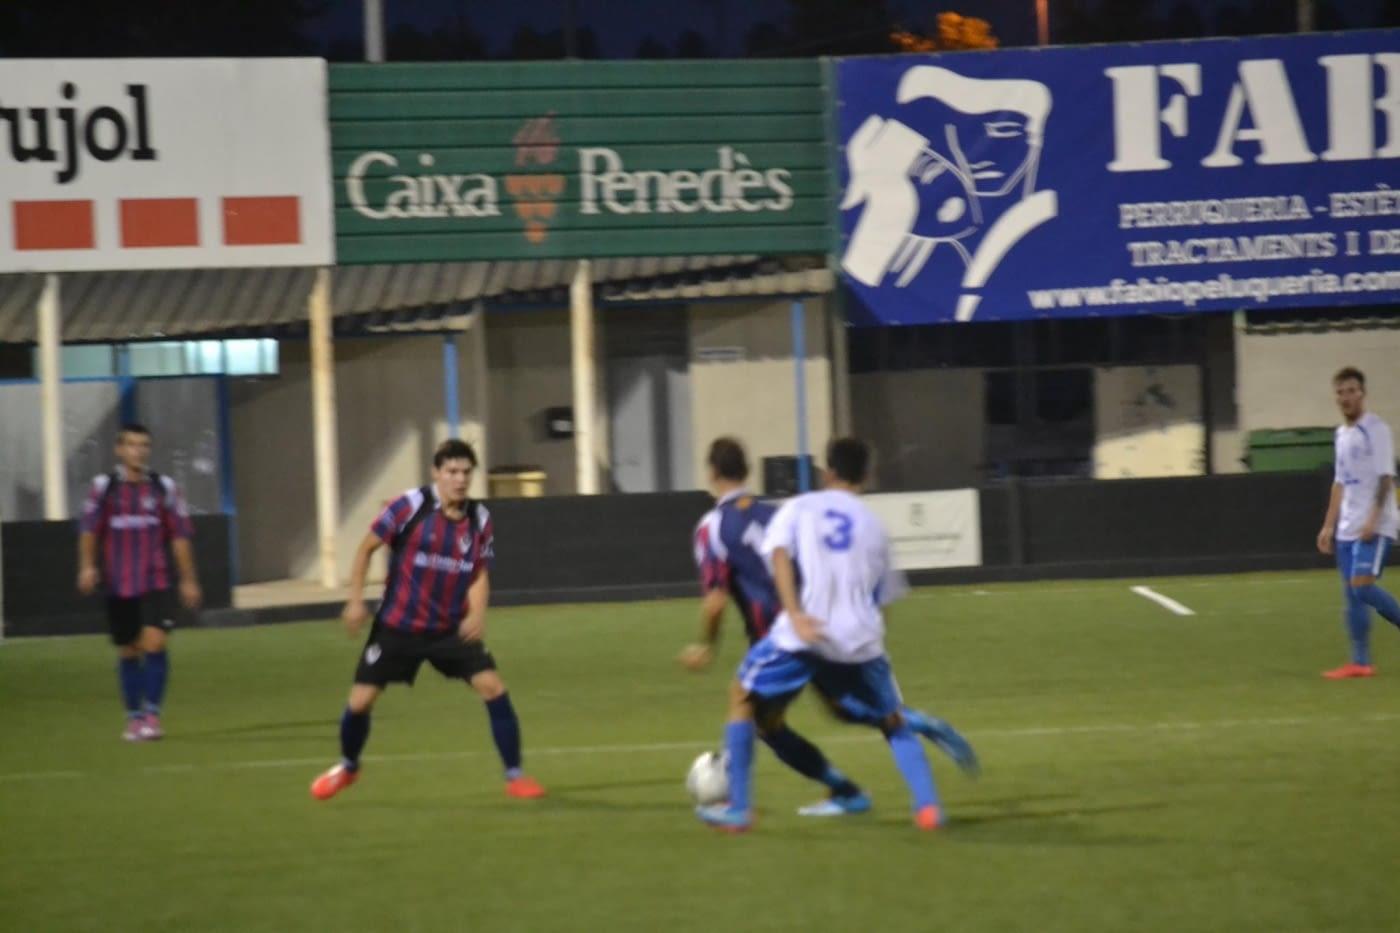 La UE Tàrrega guanya per 2-1 la tornada de la Copa Lleida